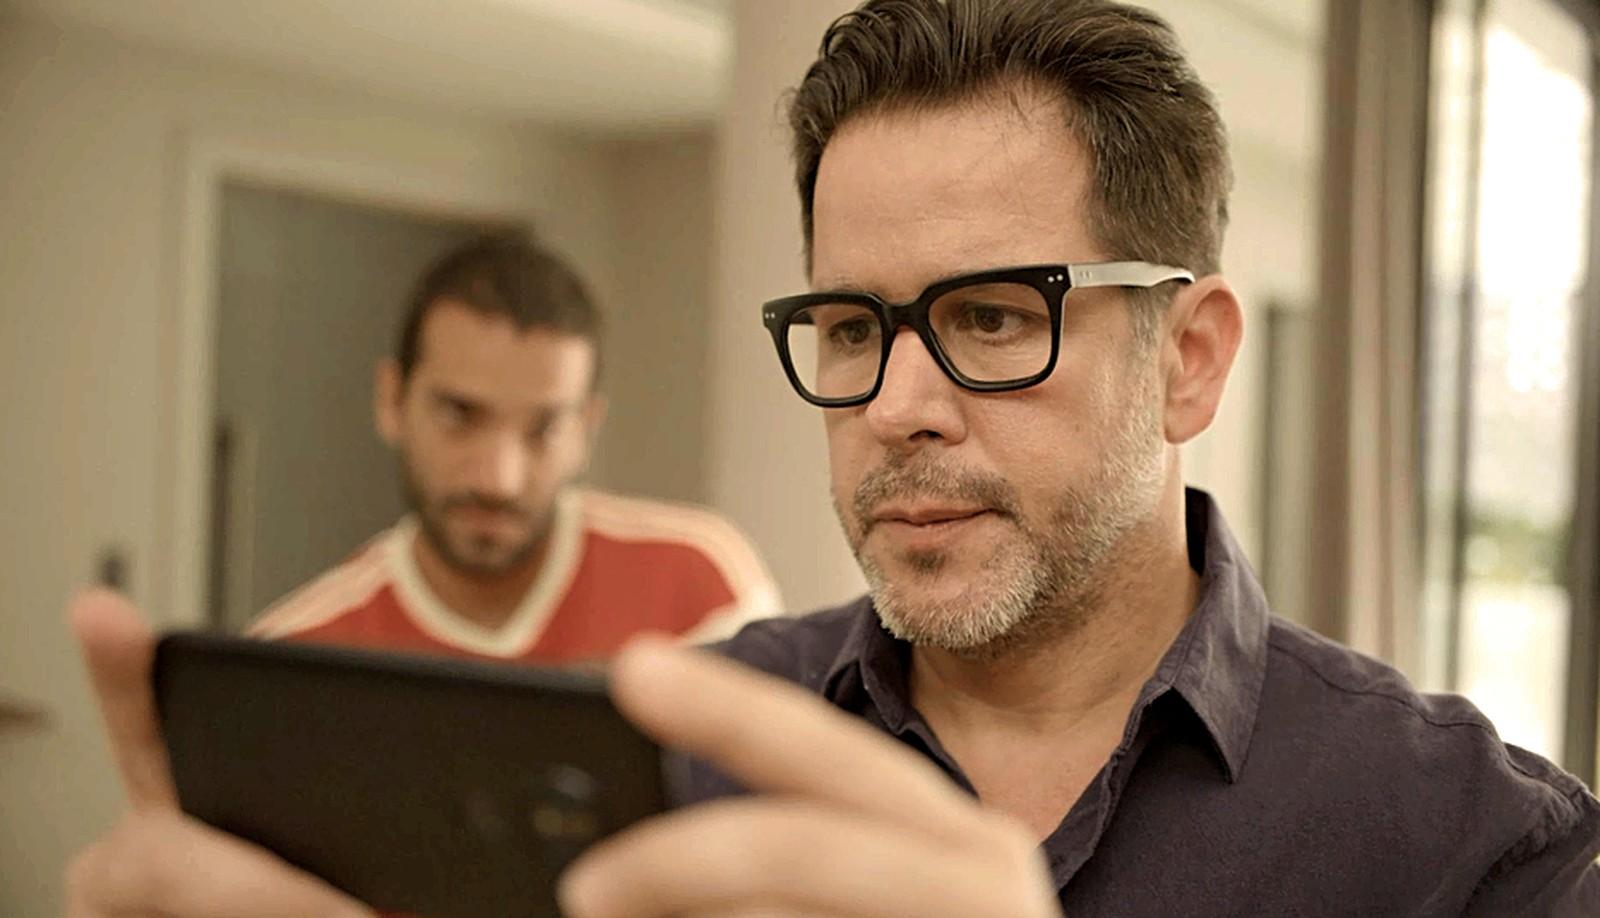 Raul se deparará com vídeo íntimo em motel em Amor de Mãe - Foto: Reprodução